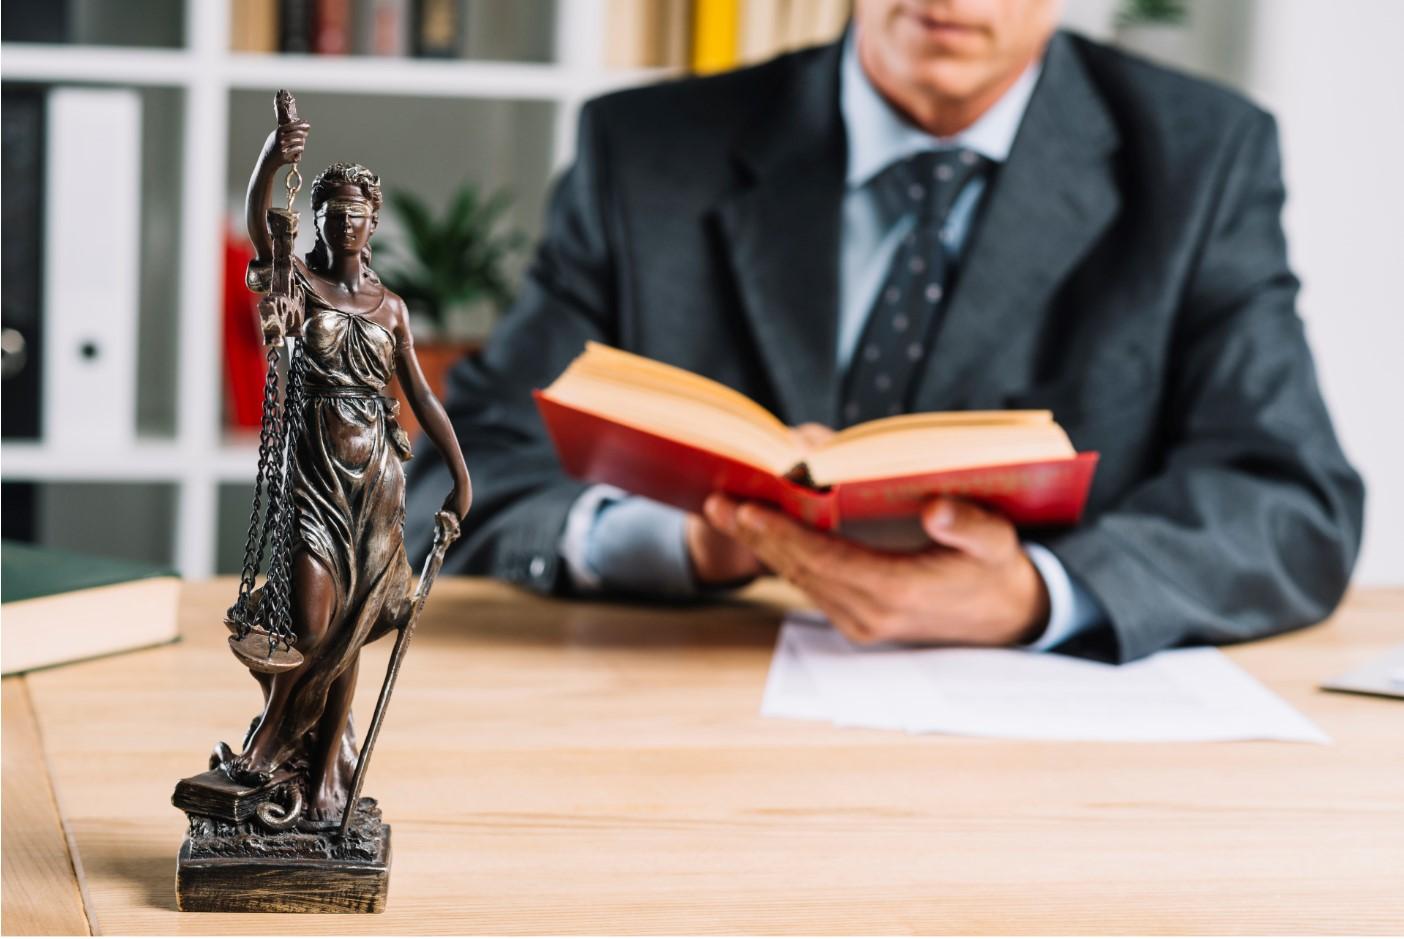 Reşit Olmayanla Cinsel İlişki Suçu Hakkında Genel Bilgiler